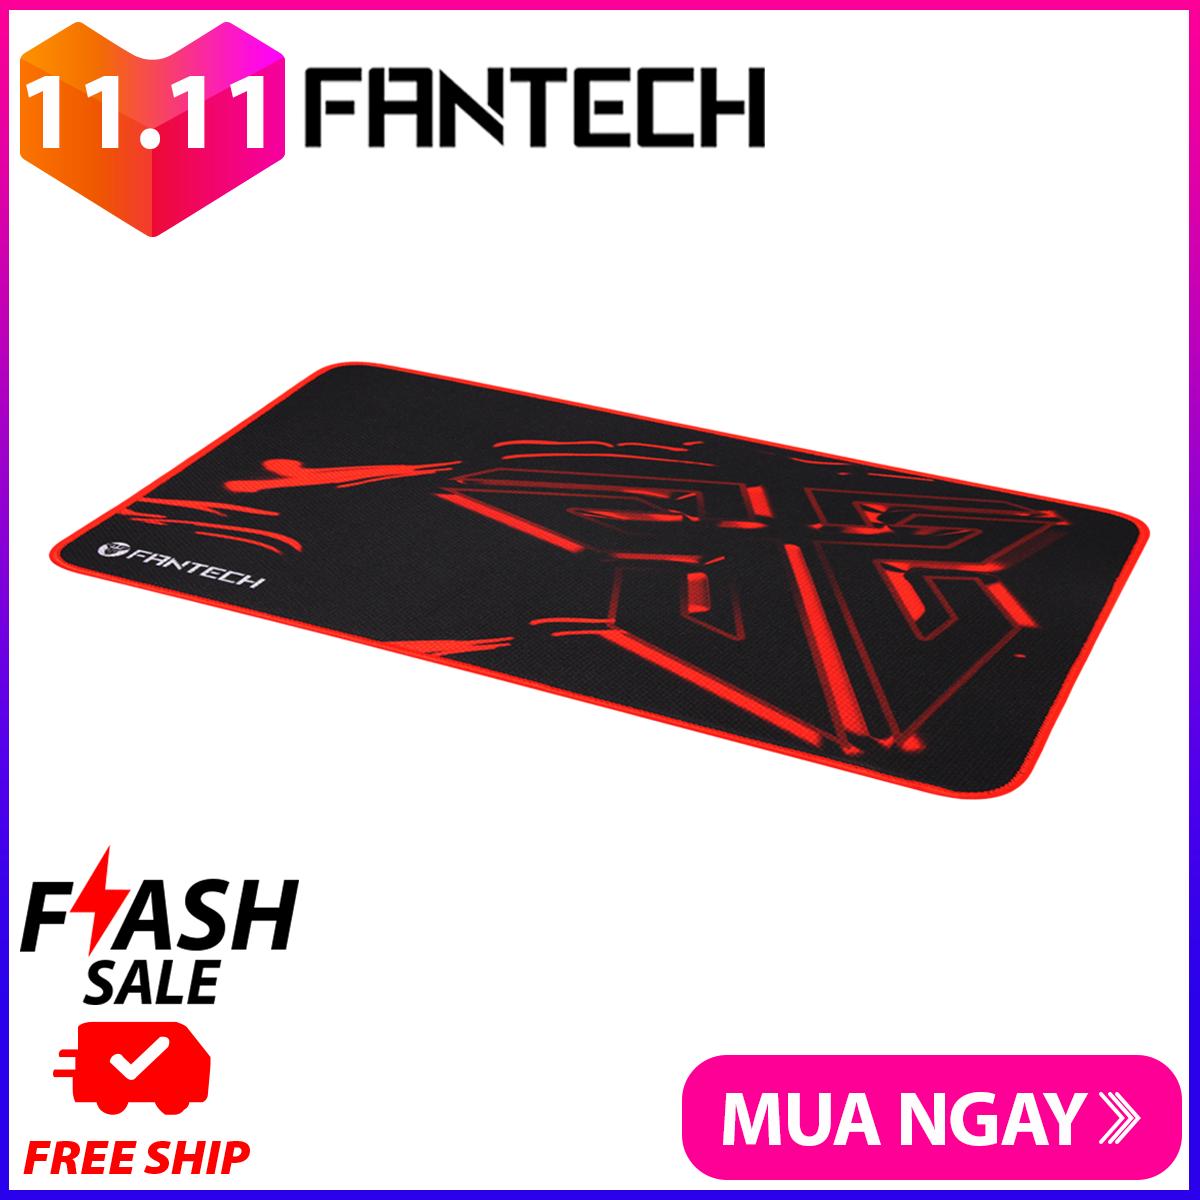 Đế lót di chuột tốc độ cao – Fantech MP80 – chất liệu cao su tự nhiên, đế chống trượt, dài 800mm, rộng 300mm, dày 3mm, giúp di chuột một cách dễ dàng – Hãng Phân Phối Chính Thức